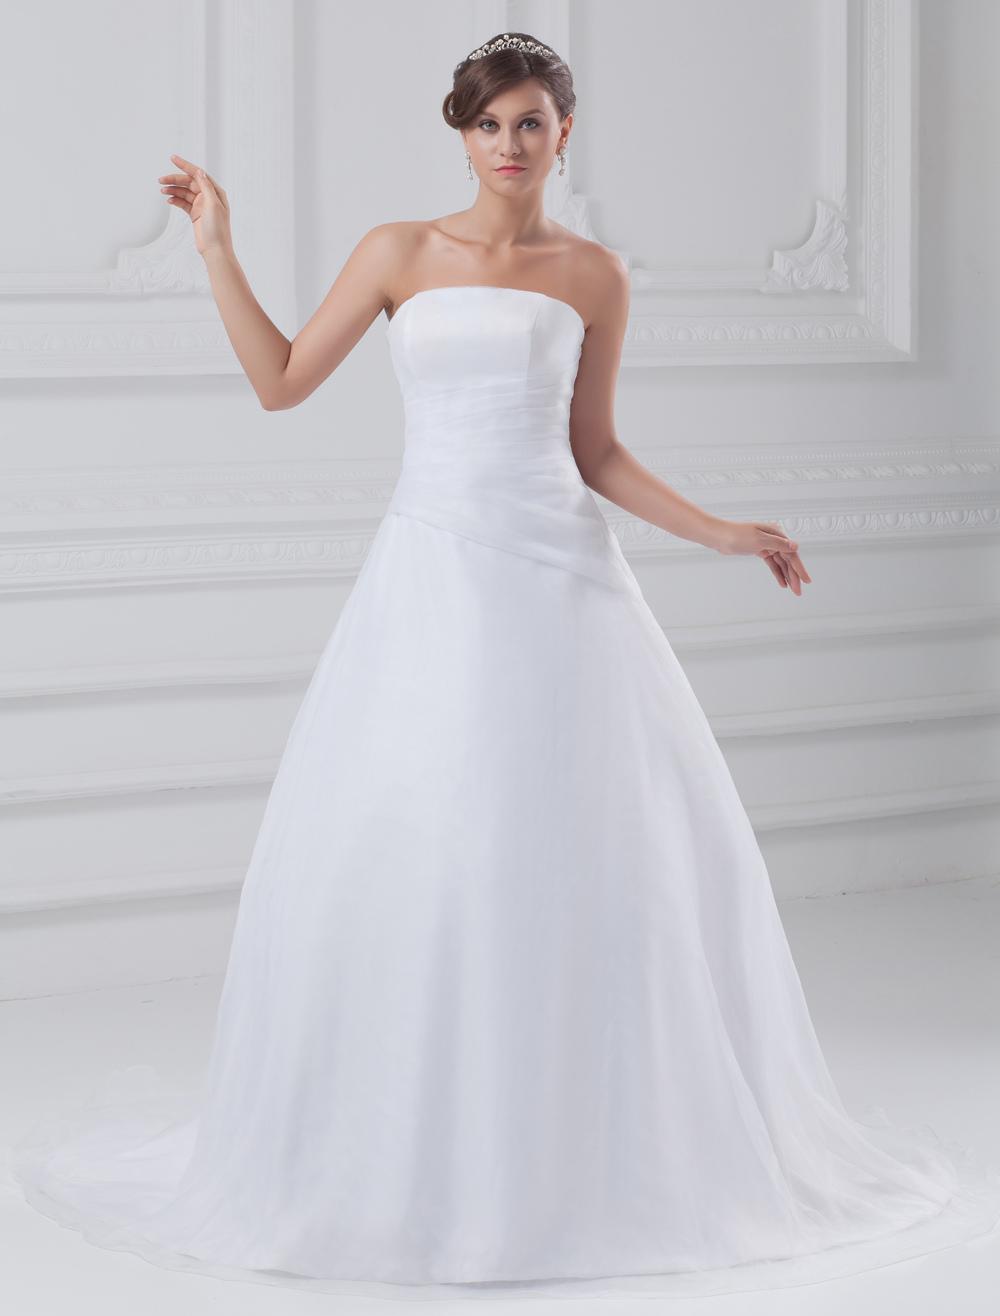 White Ball Gown Strapless Tiered Organza Bride's Wedding Dress photo